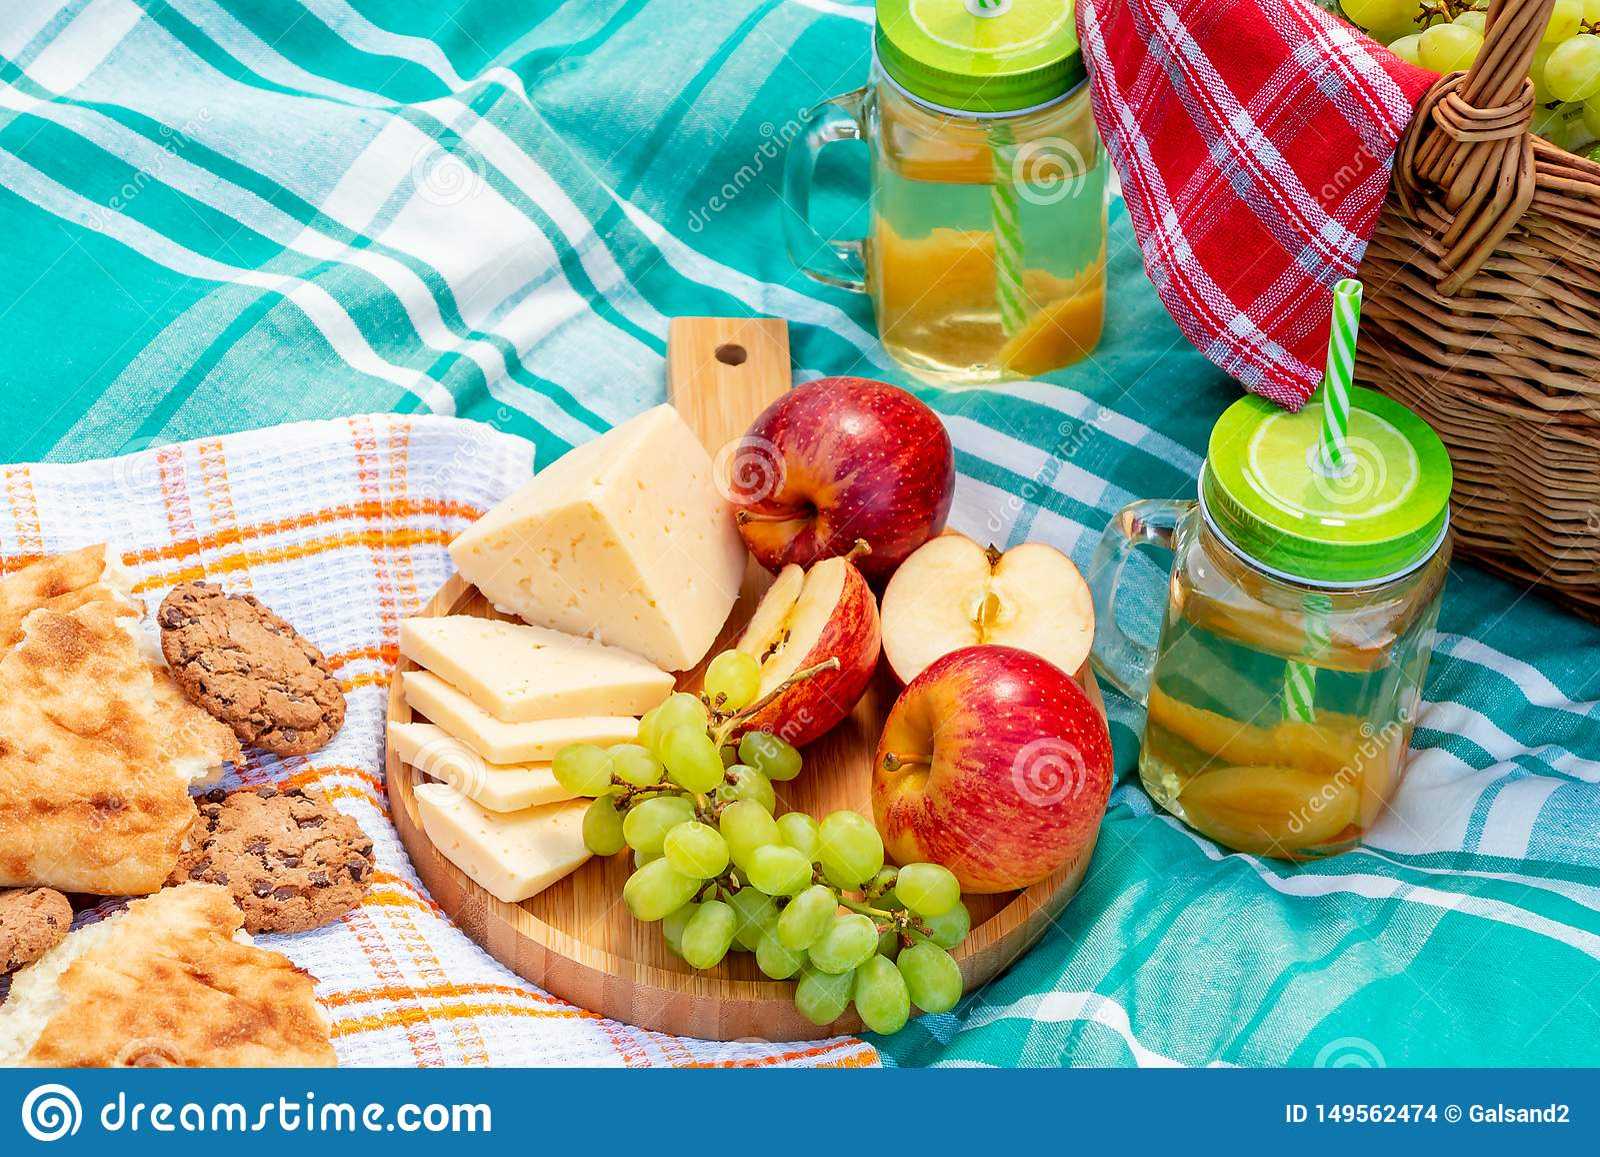 Пикник на траве на летний день - корзине, виноградинах, сыре, хлебе, яблоках - концепция воссоздания лета на открытом воздухе